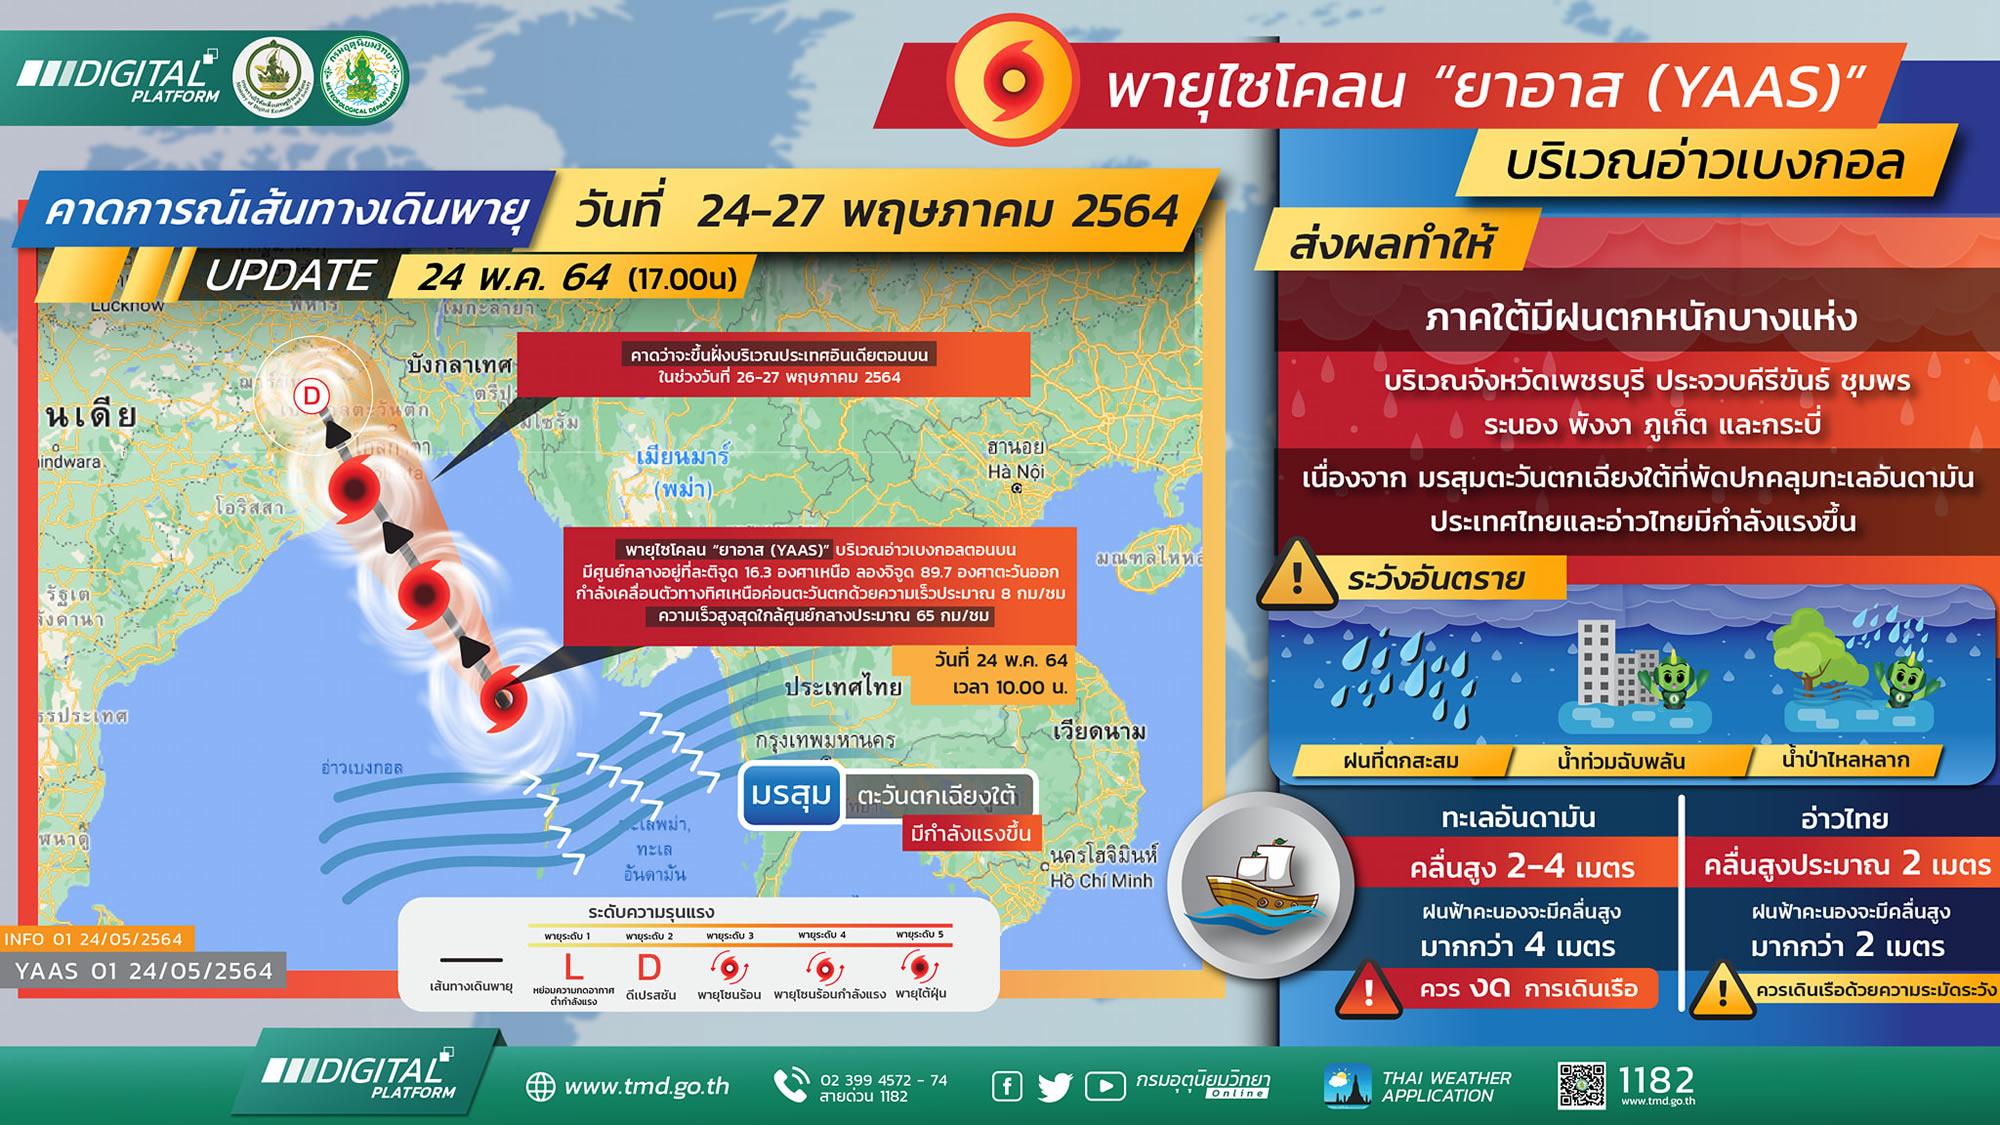 サイクロン「YAAS」がインド上陸、タイ南部の天気に影響